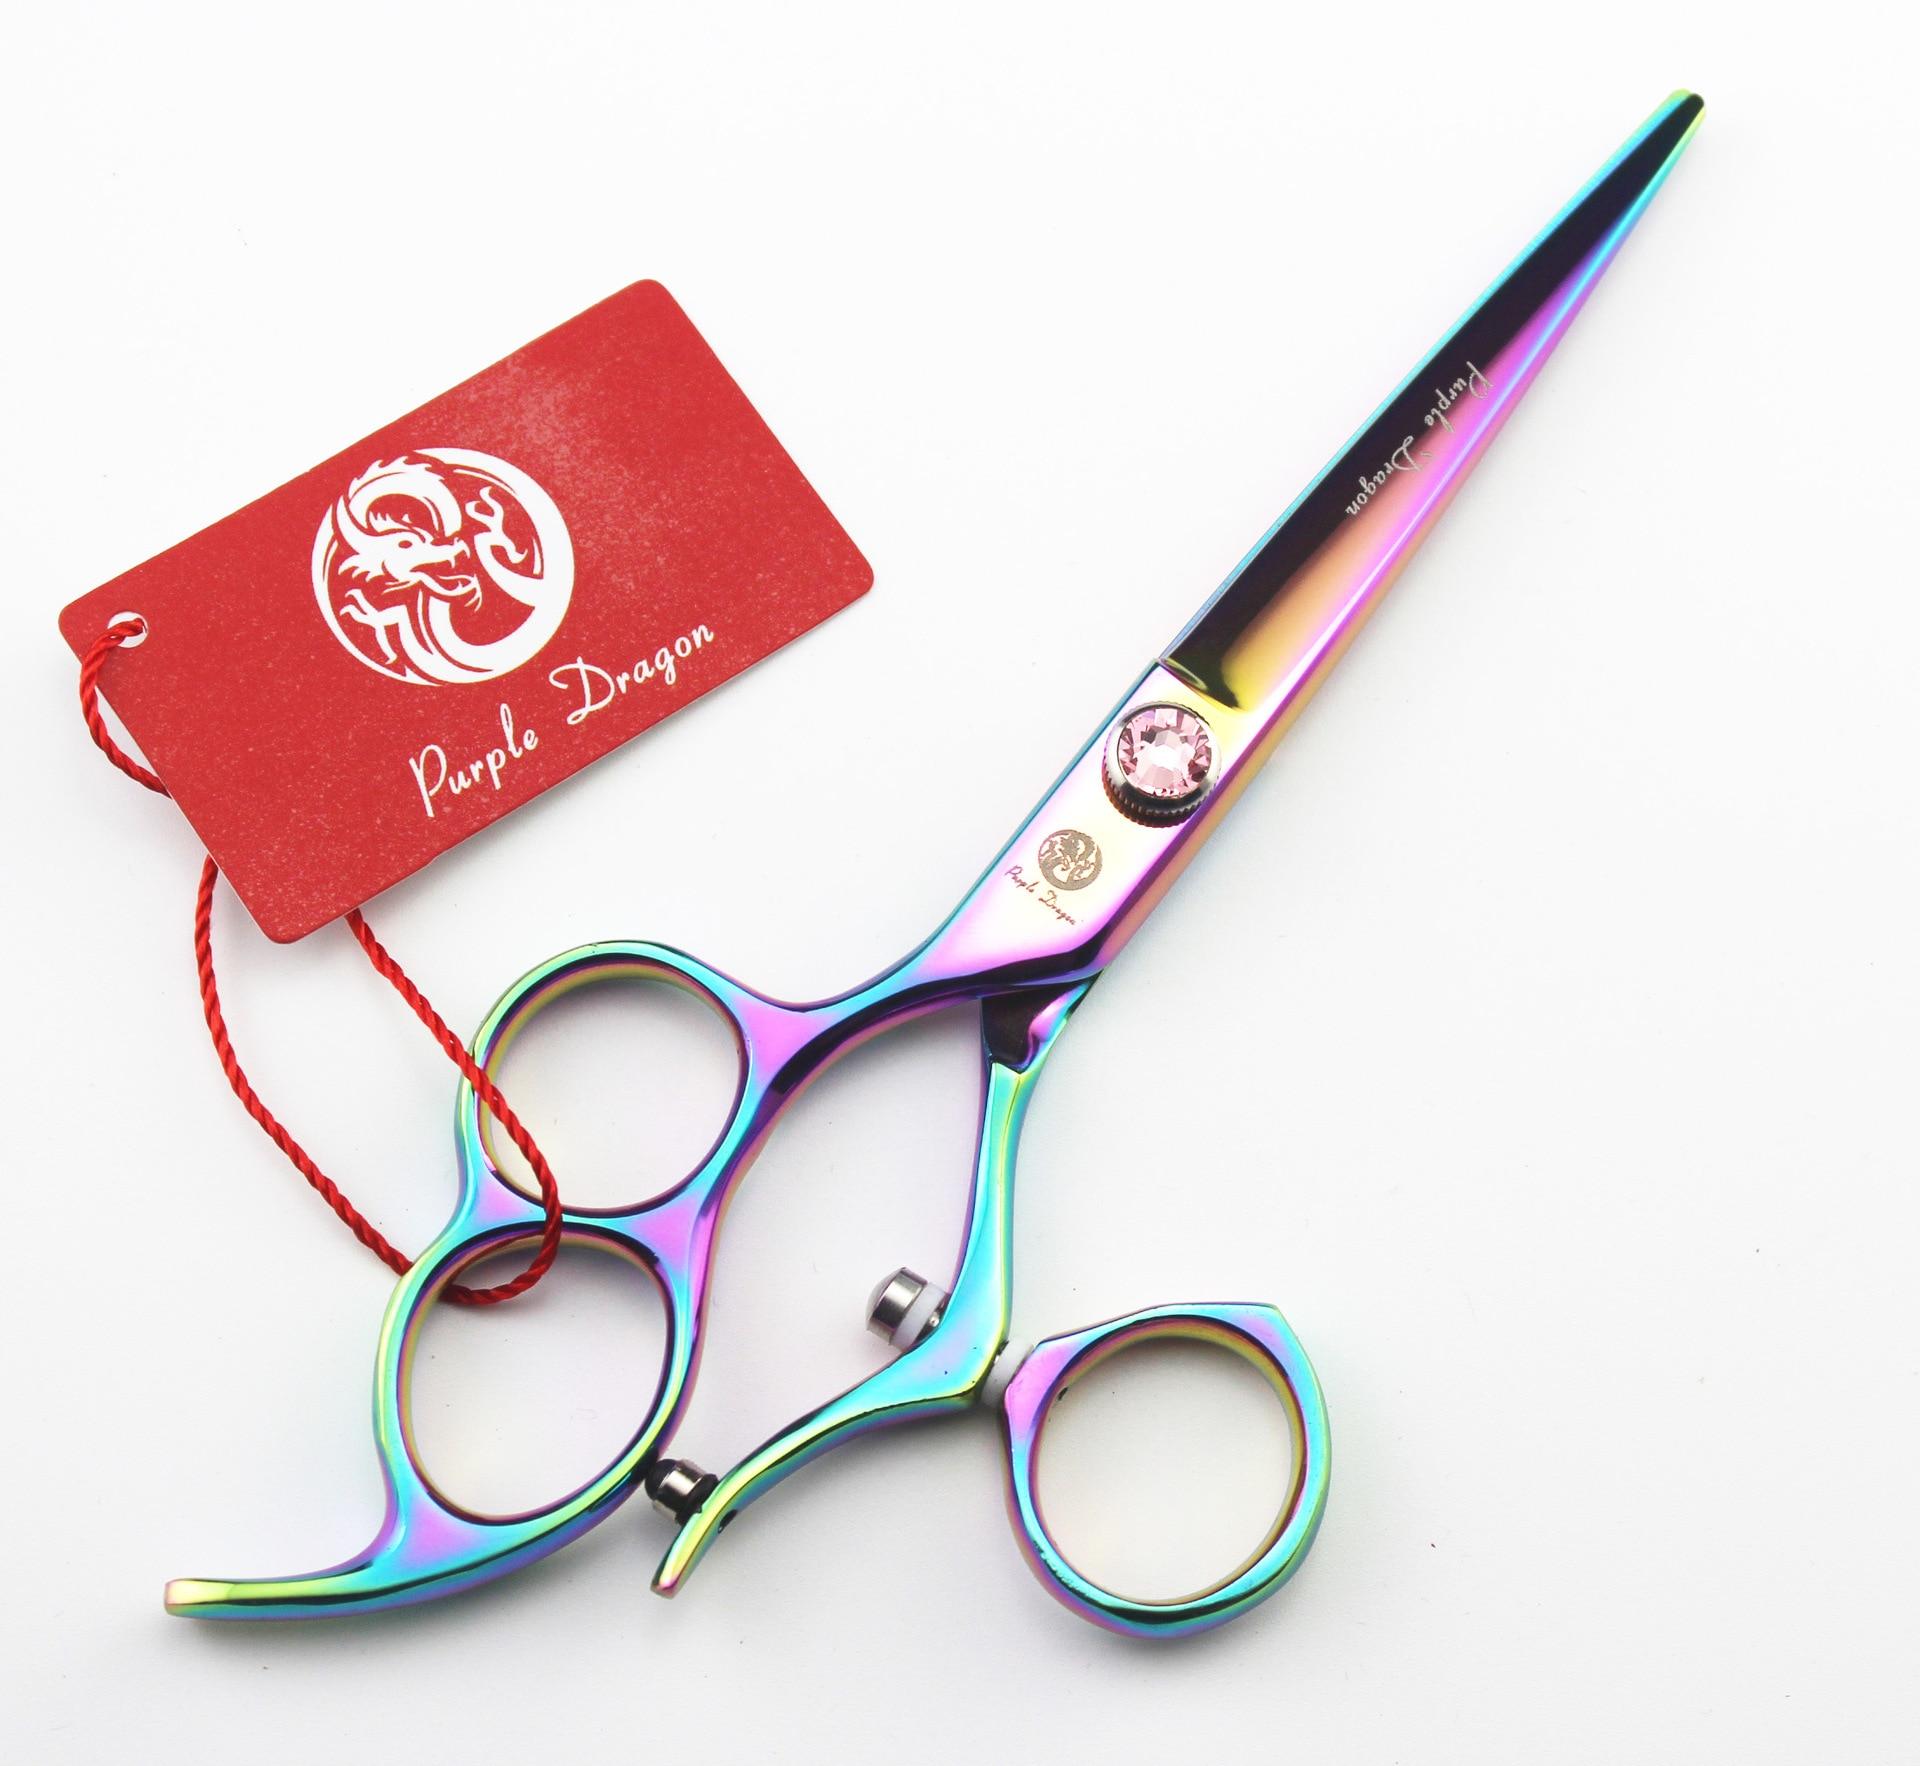 5.5 Professionale di Parrucchiere Taglio Forbici Parrucchiere Cesoie 360 Gradi Ruota5.5 Professionale di Parrucchiere Taglio Forbici Parrucchiere Cesoie 360 Gradi Ruota